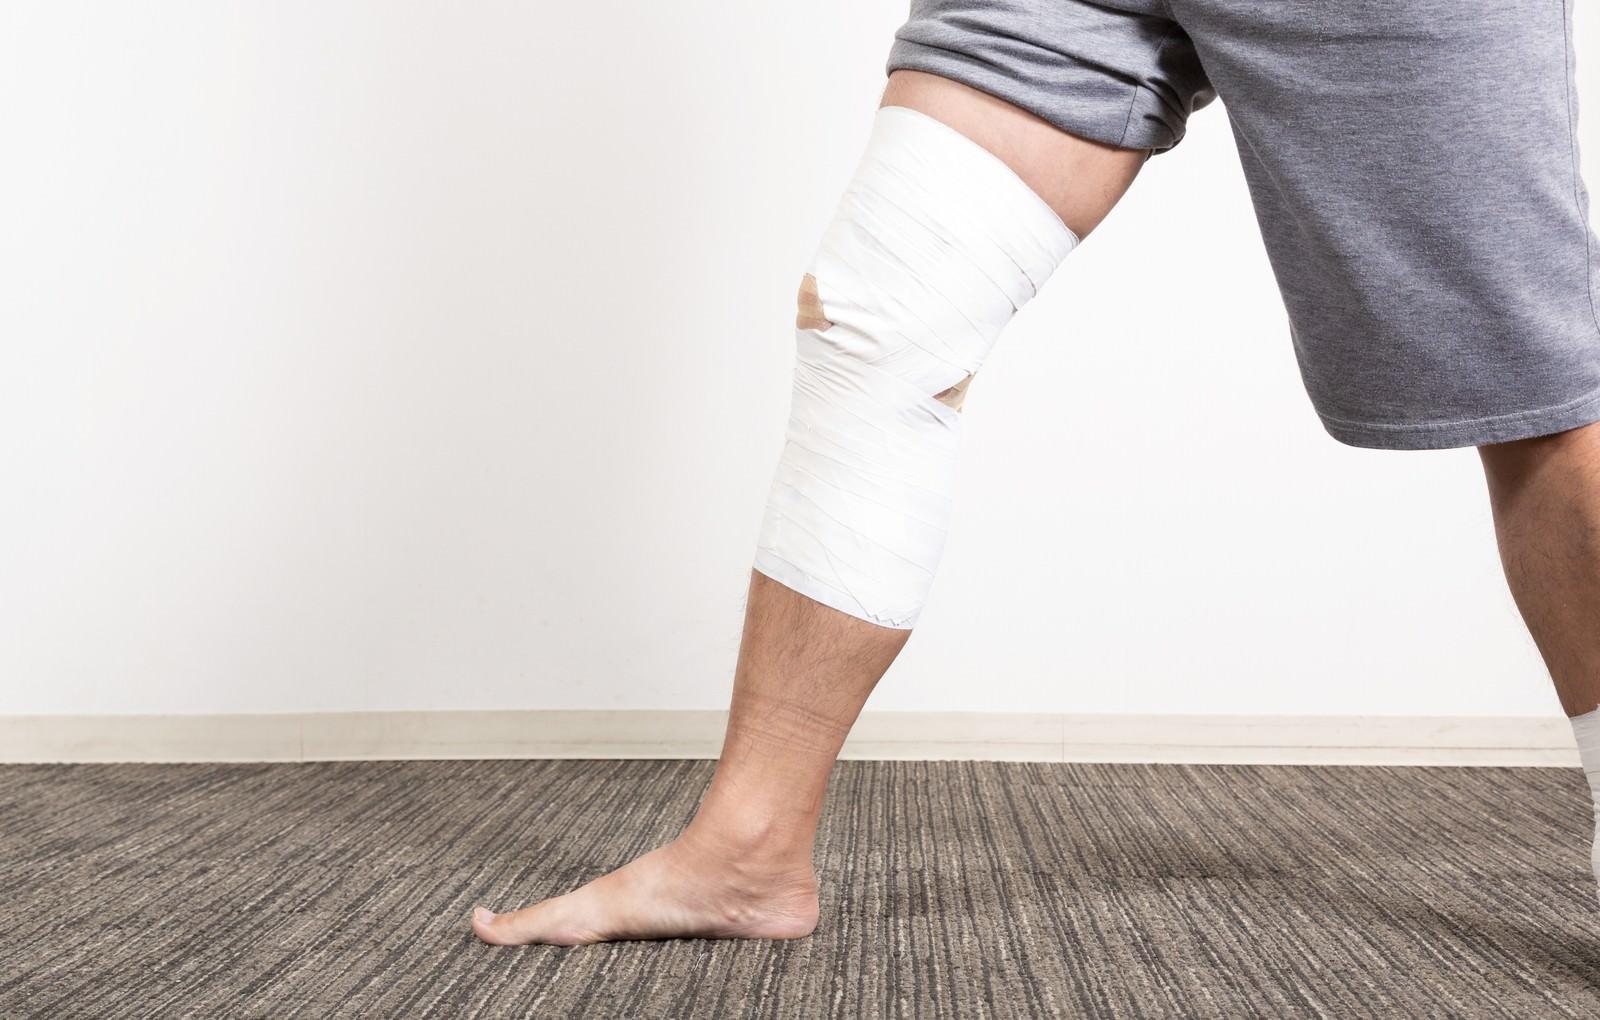 「膝関節のテーピング膝関節のテーピング」のフリー写真素材を拡大